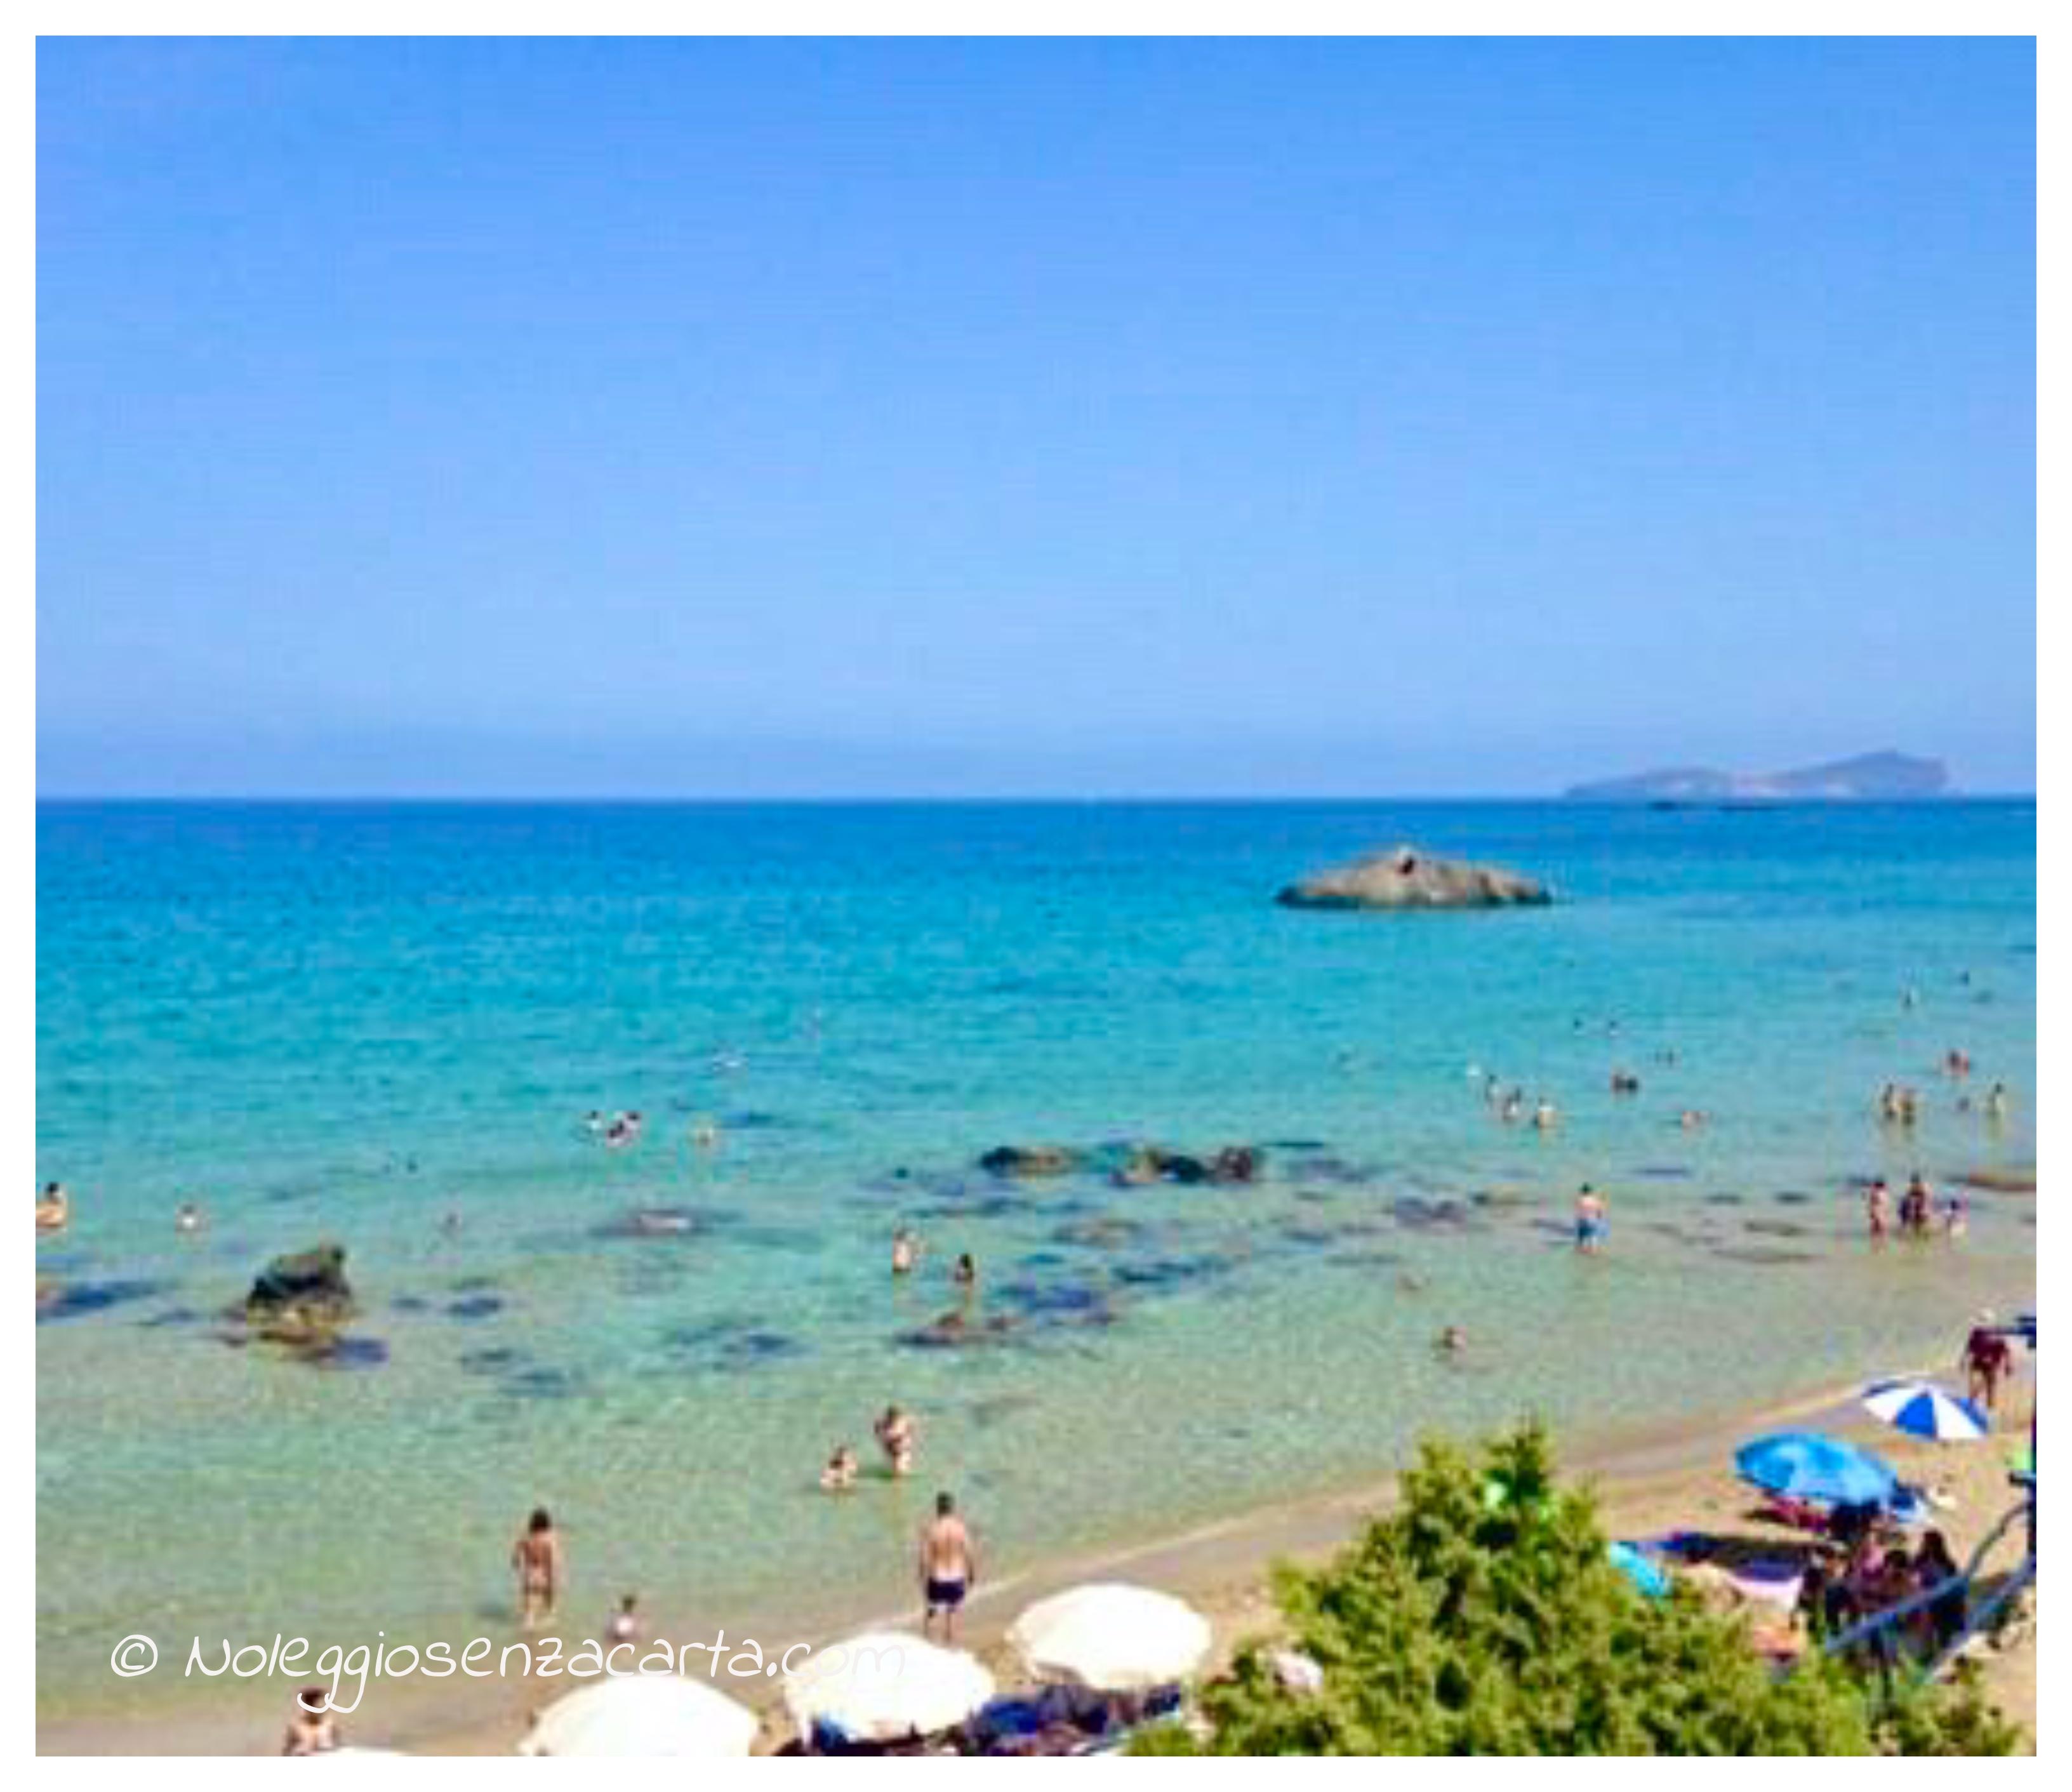 Location de voiture à Ibiza sans carte de crédit